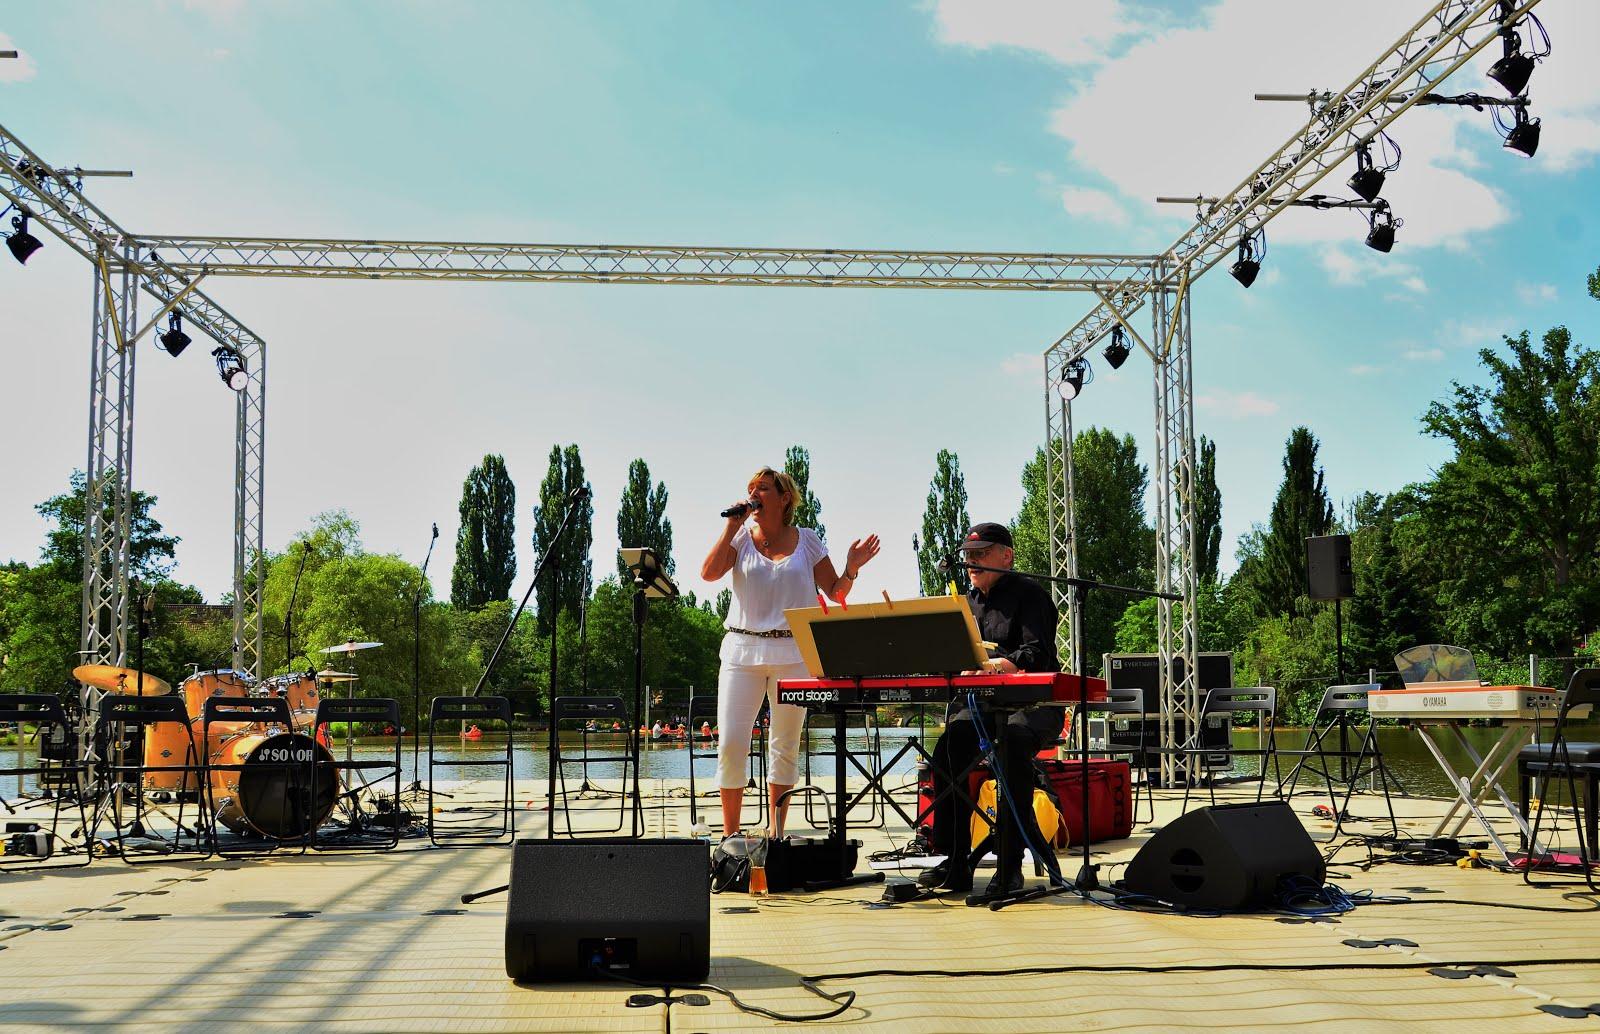 Bühne auf dem Klostersee, Sindelfingen